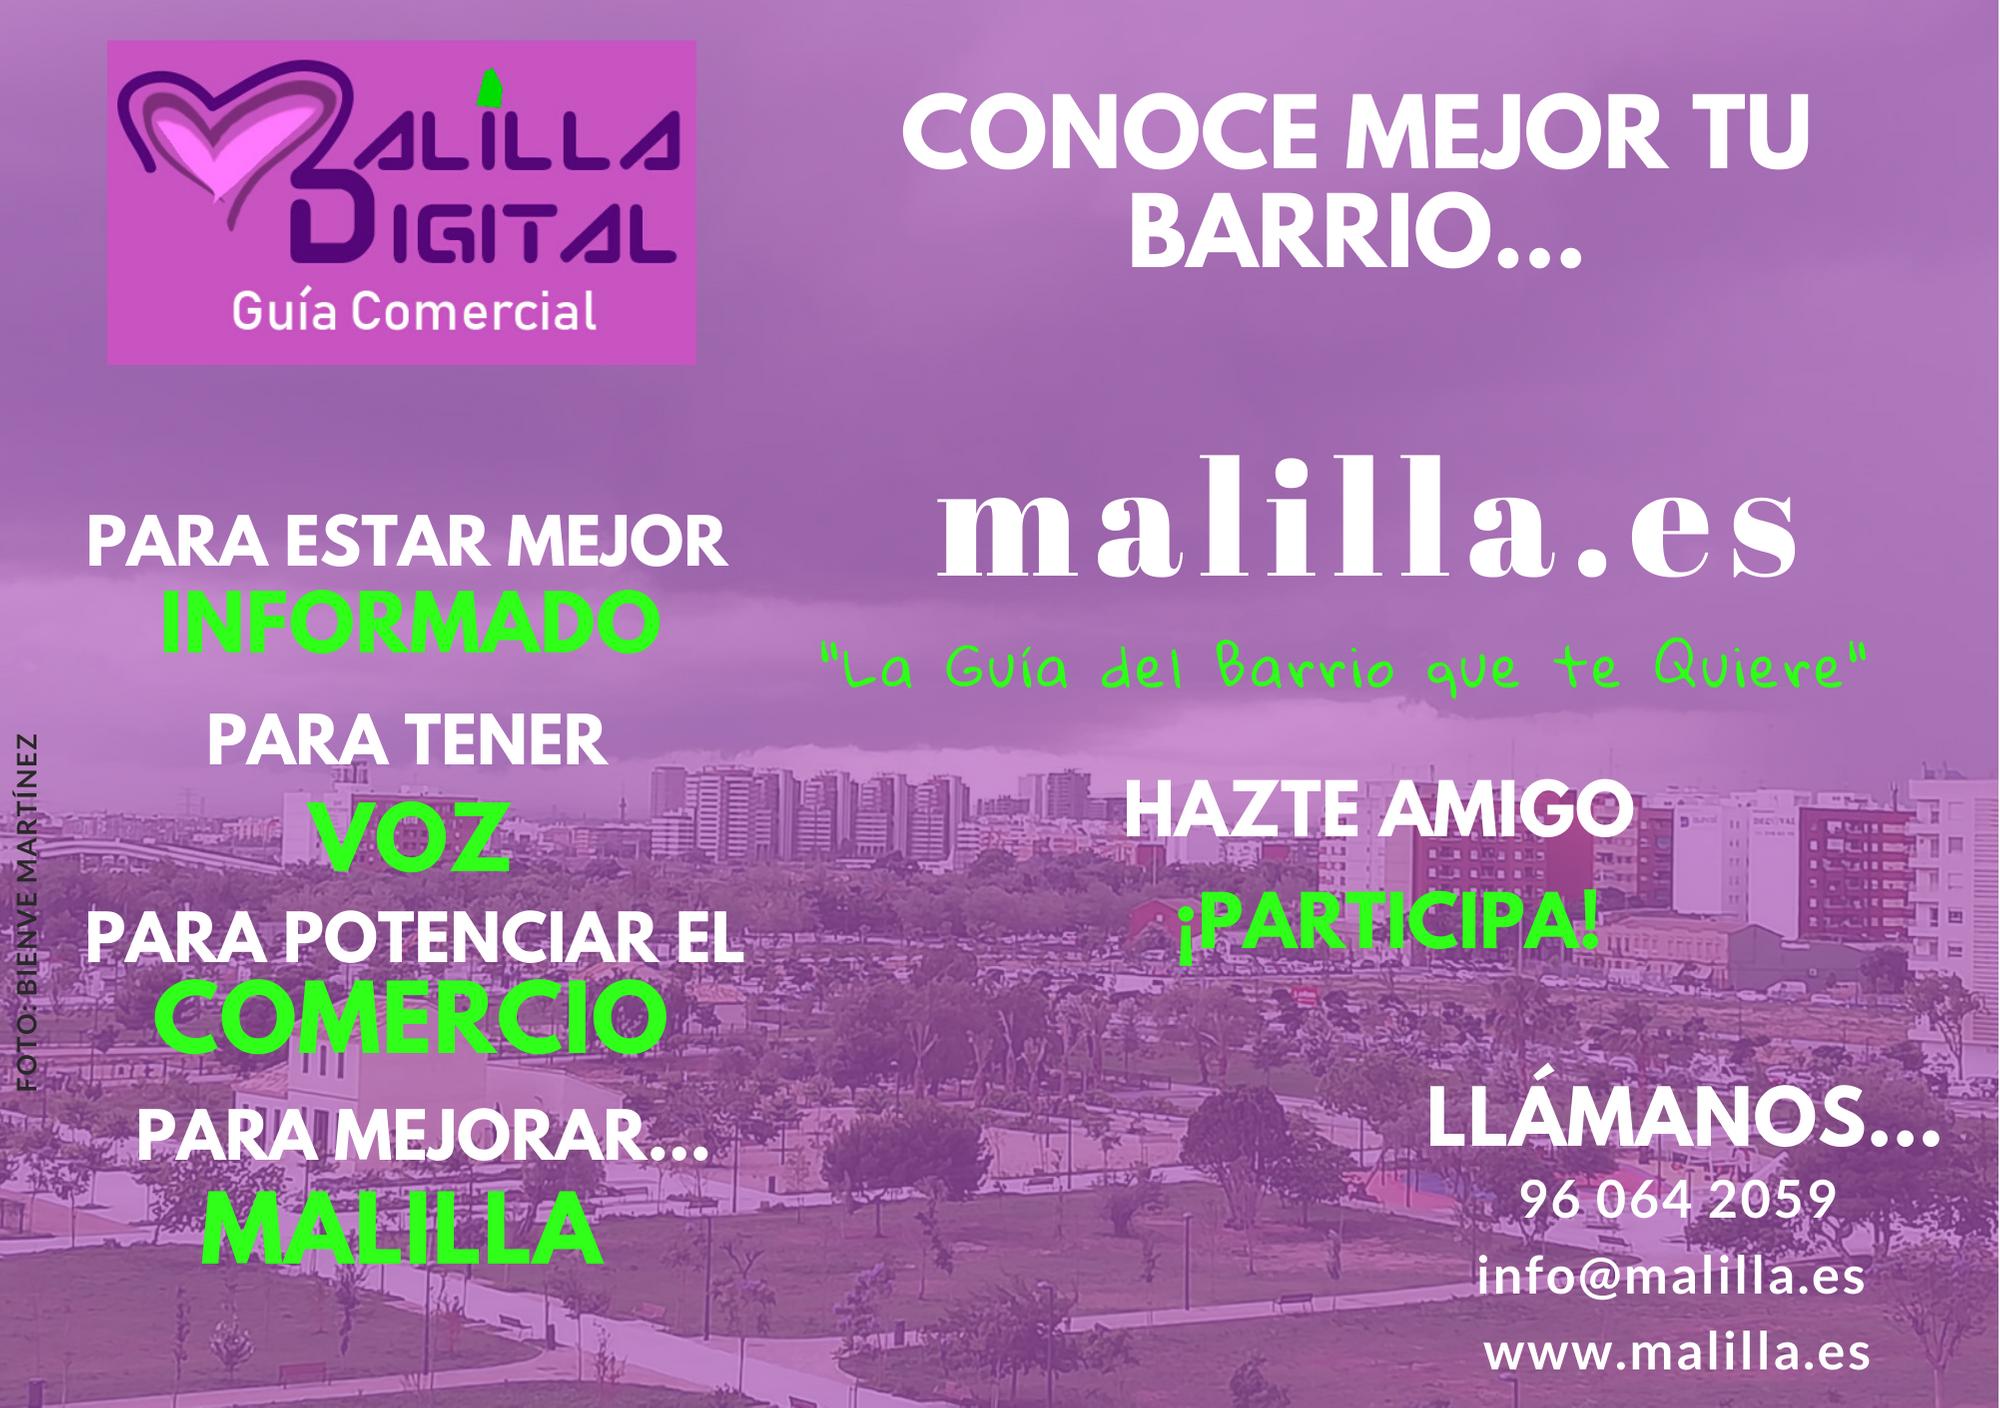 Presentación de Malilla Digital a los vecinos del Barrio